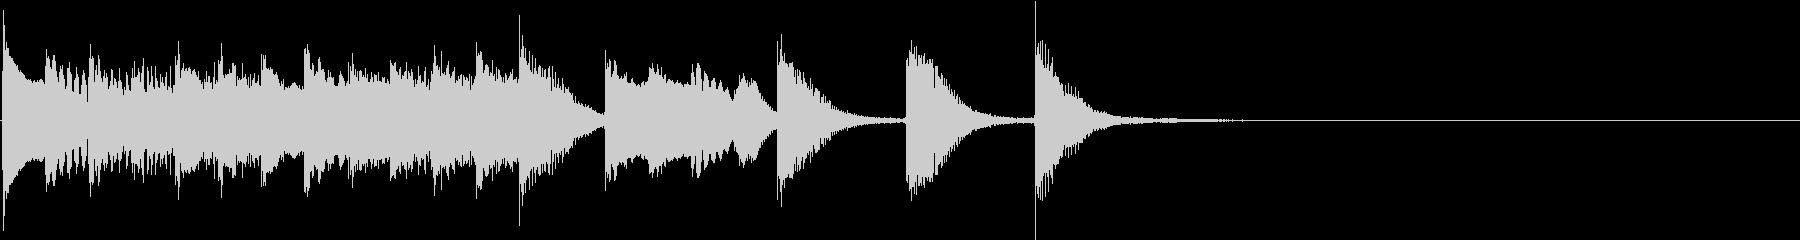 明るく かわいいピアノサウンドロゴ02の未再生の波形